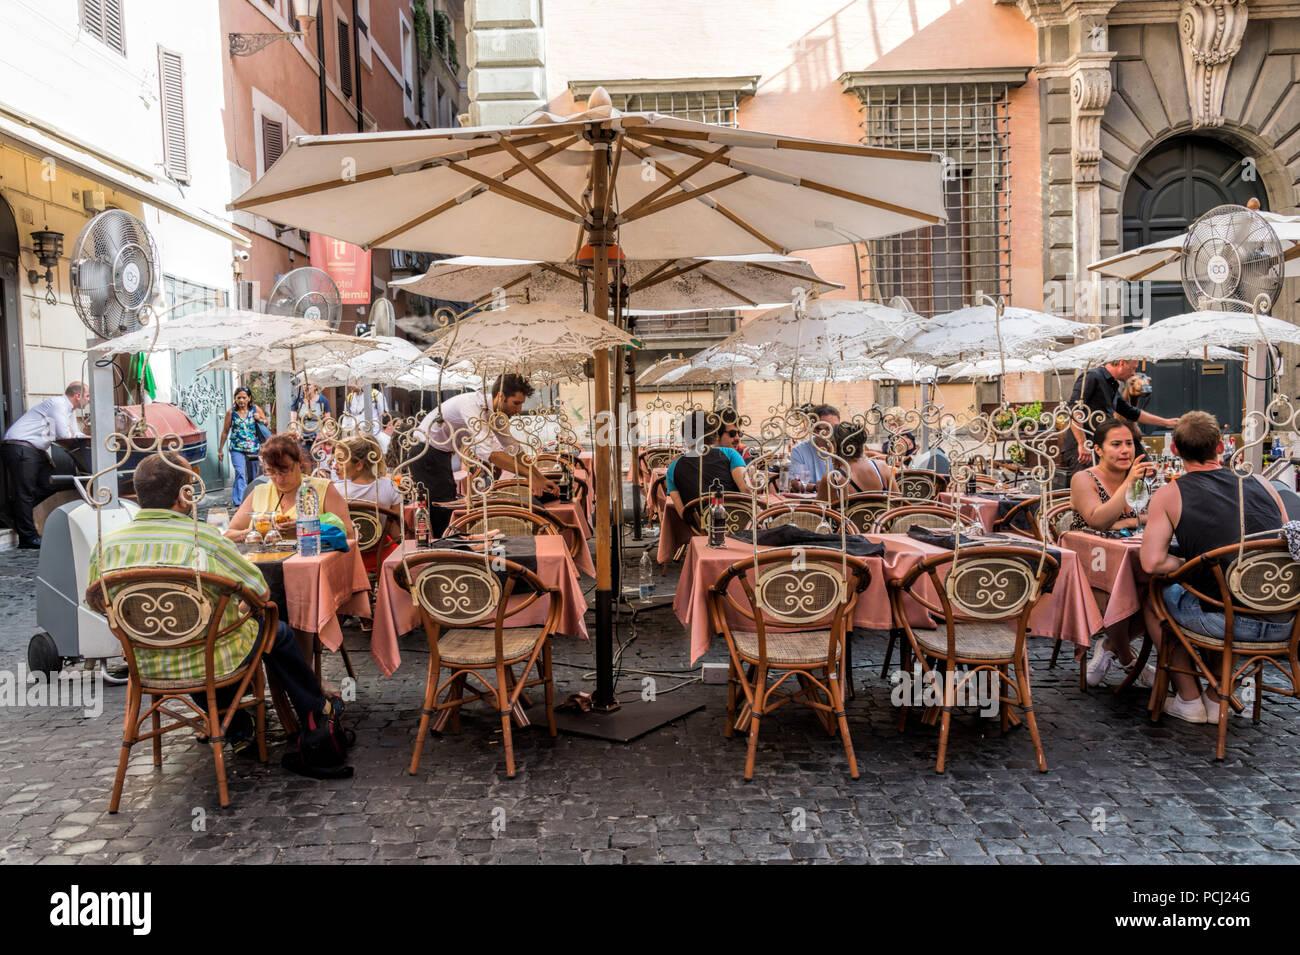 Puntilla sombrillas y paraguas en Ristoro del Patriota Roma Italia Foto de stock